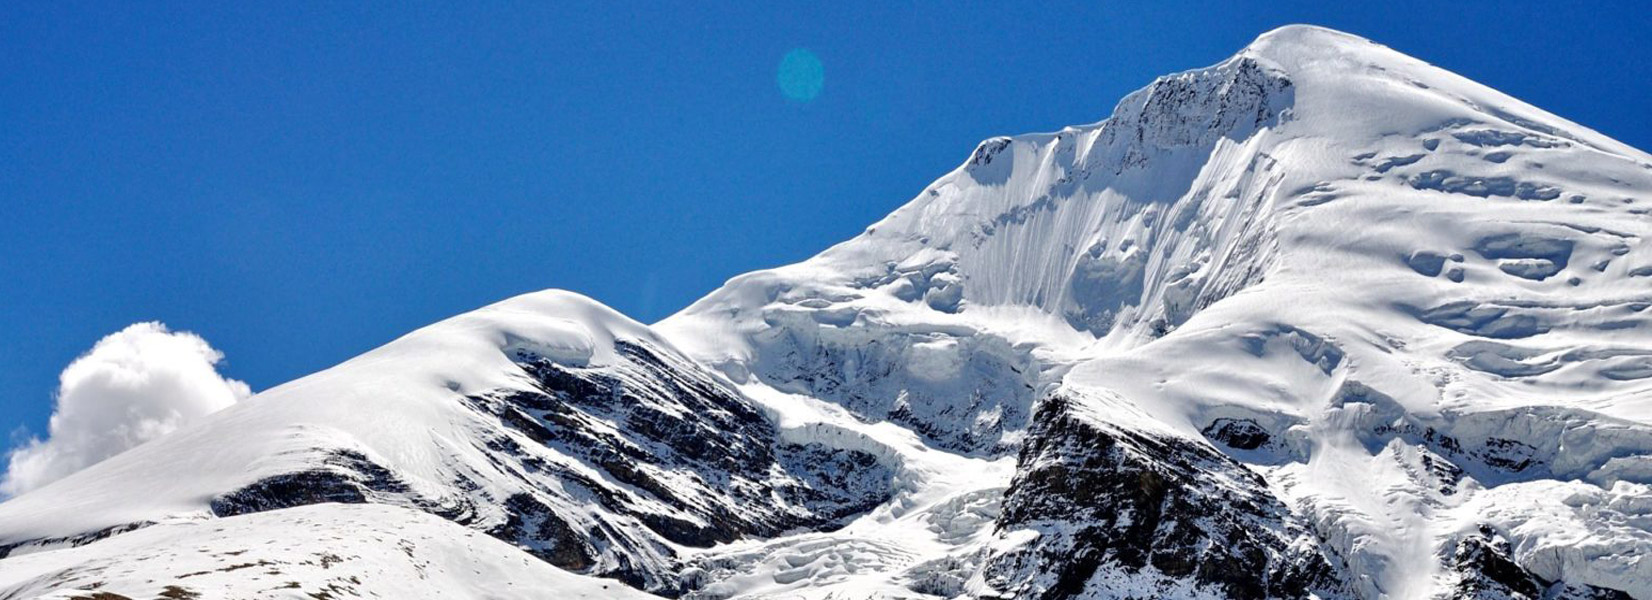 Tukuche-peak-climbing